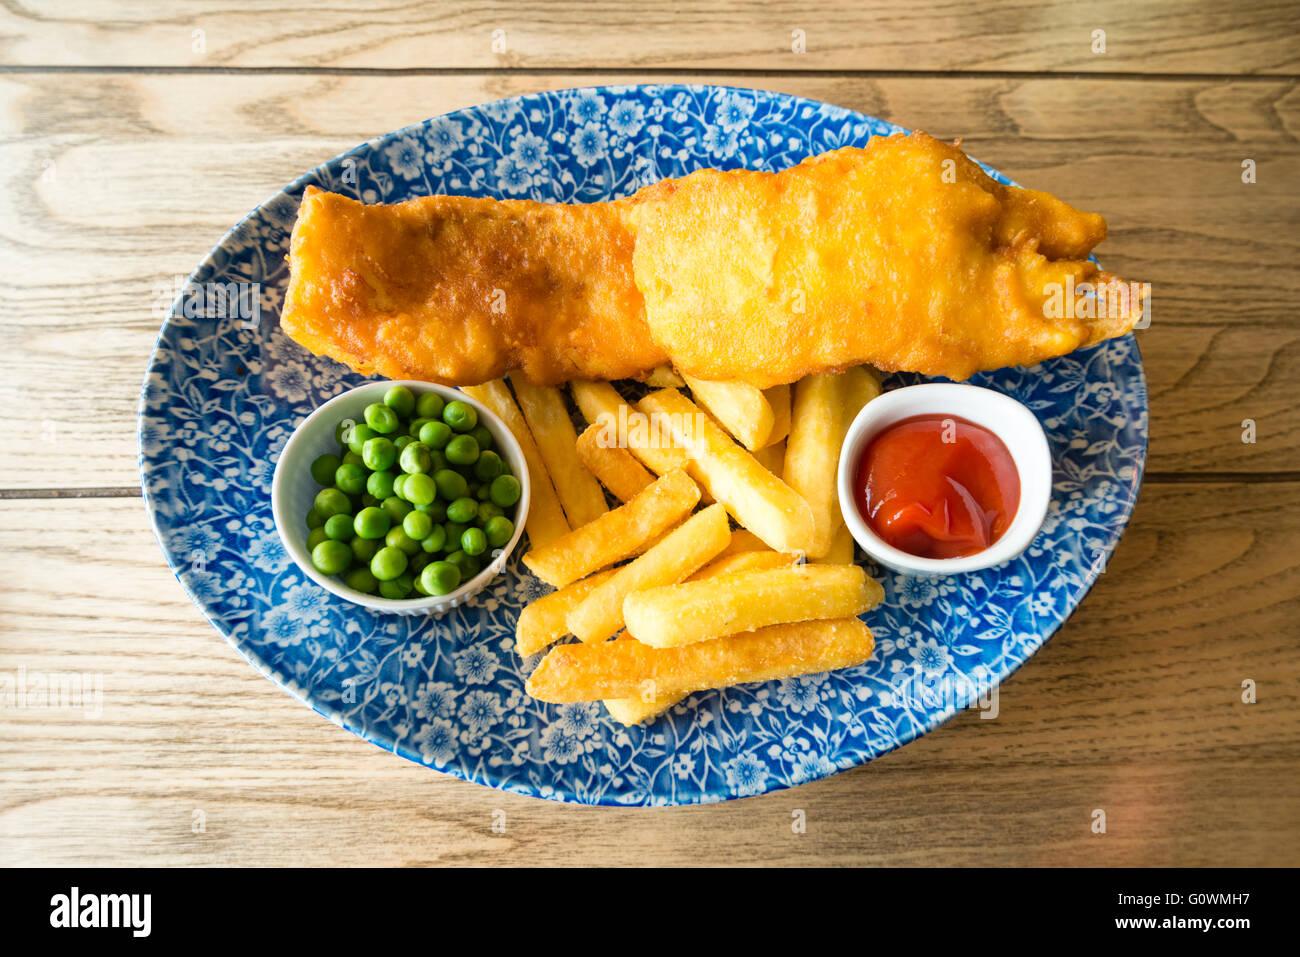 Fish & Chips con guisantes y ketchup, comida de pub, Reino Unido. Imagen De Stock